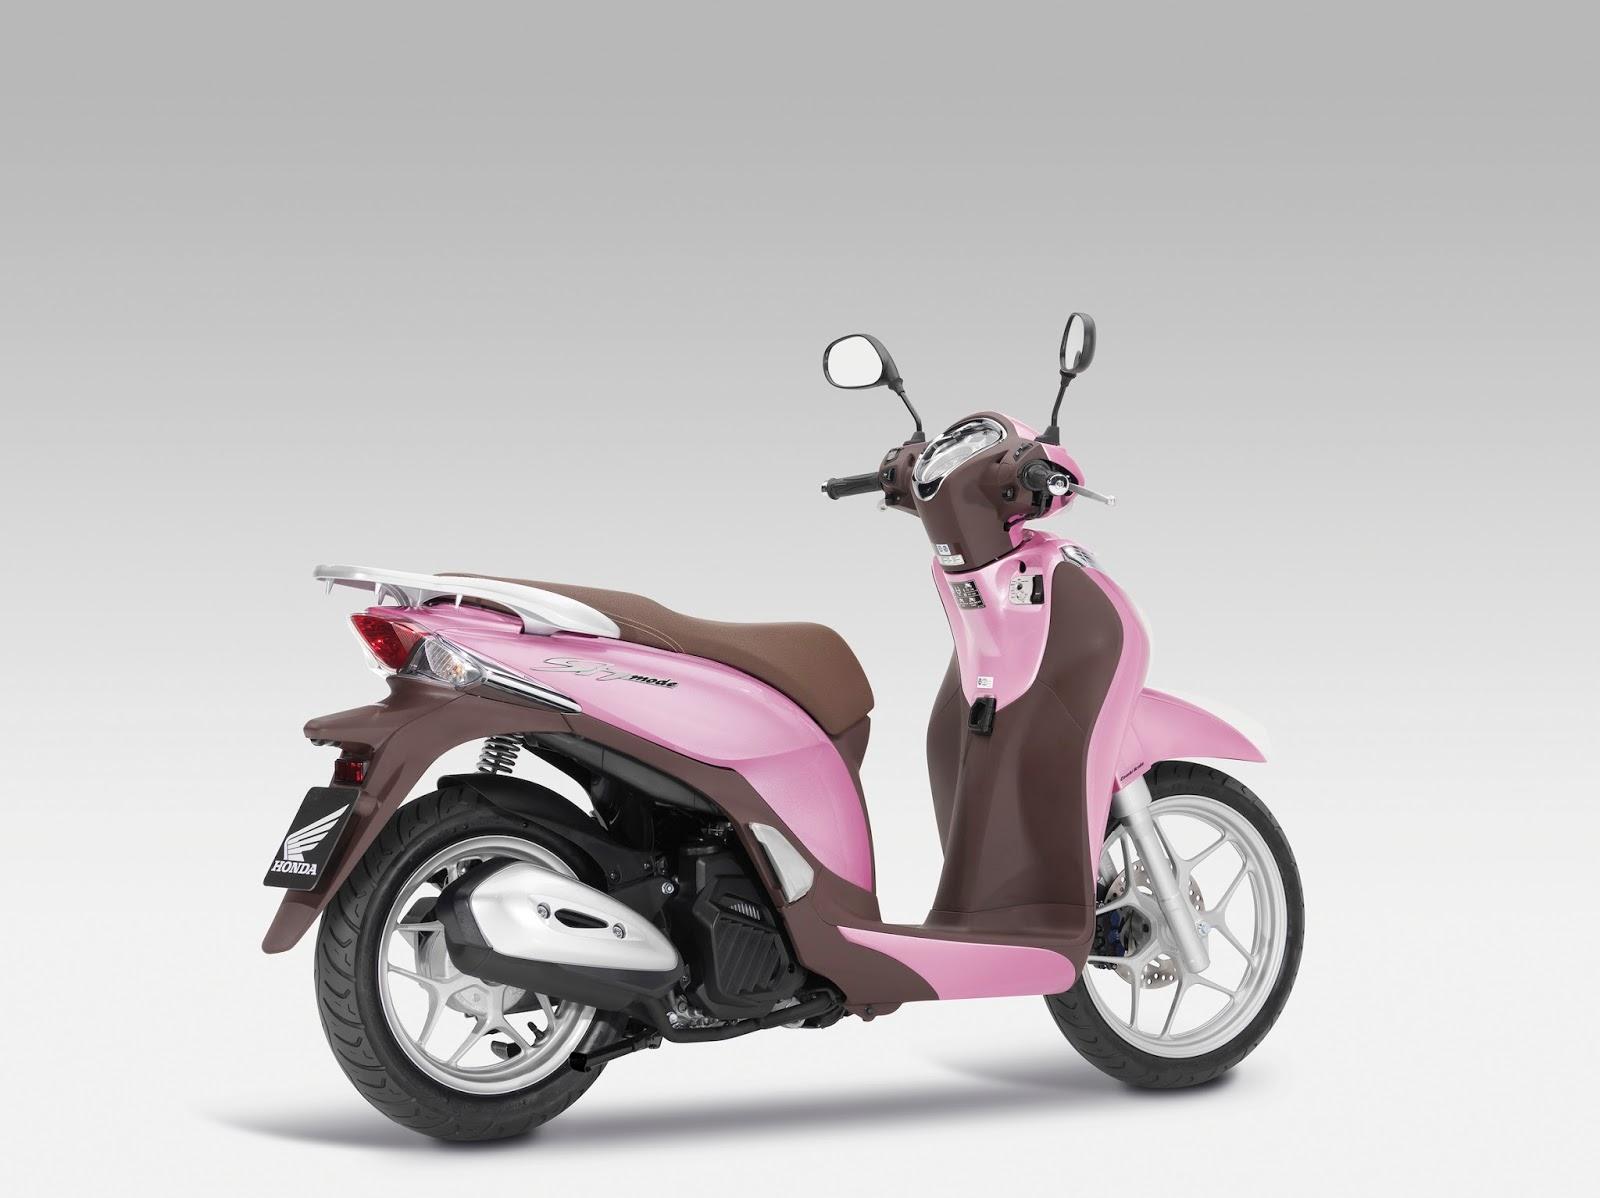 Rollschuhe, Skateboards Und Roller Elektro-scooter Offen Neue Modell Sicherheit Mini Elektrische Unterstützung Modus Roller Für Kind Elektrische Kind Roller Schnelle WäRmeableitung